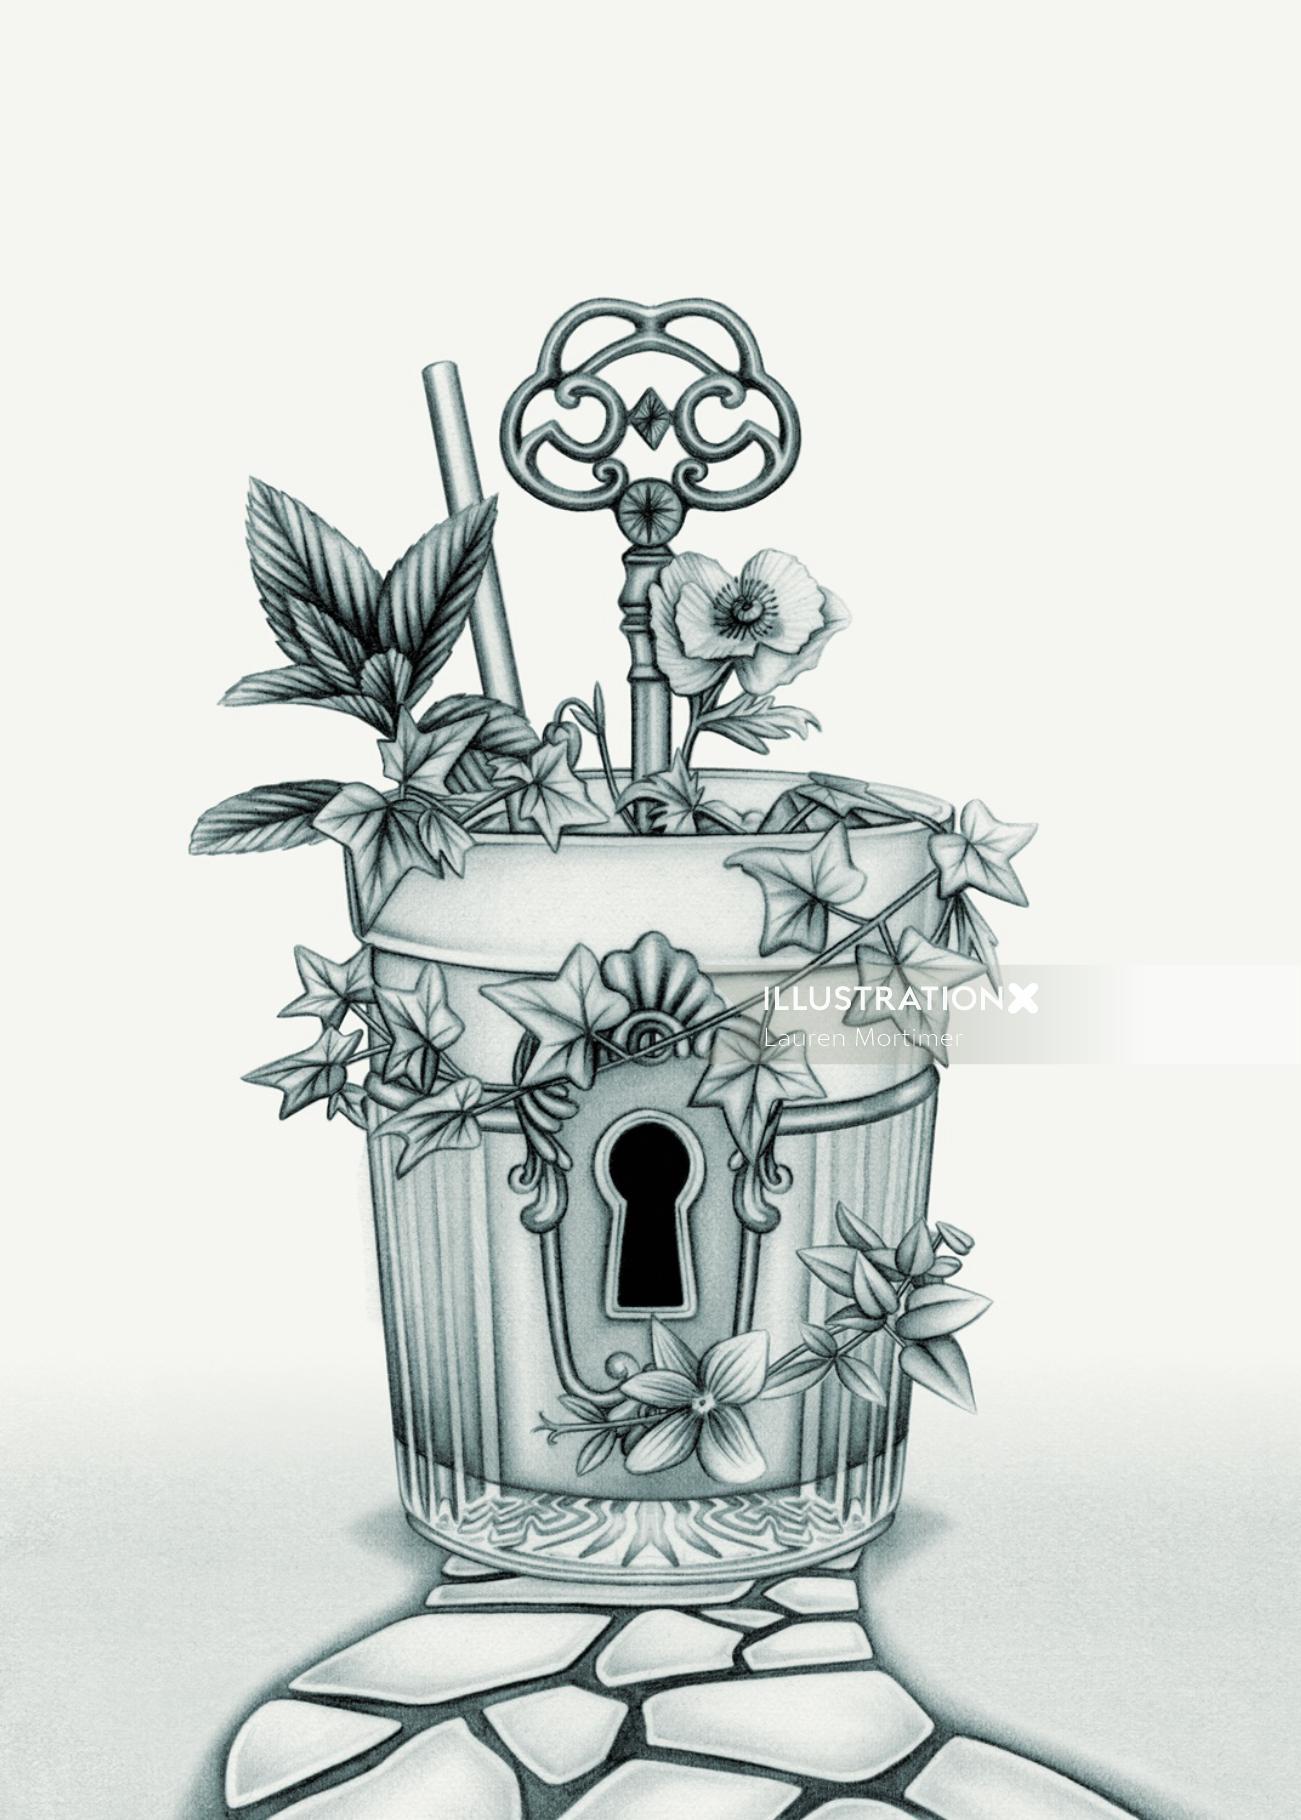 Seagram's Garden 'The Secret Garden' Cocktail Illustration